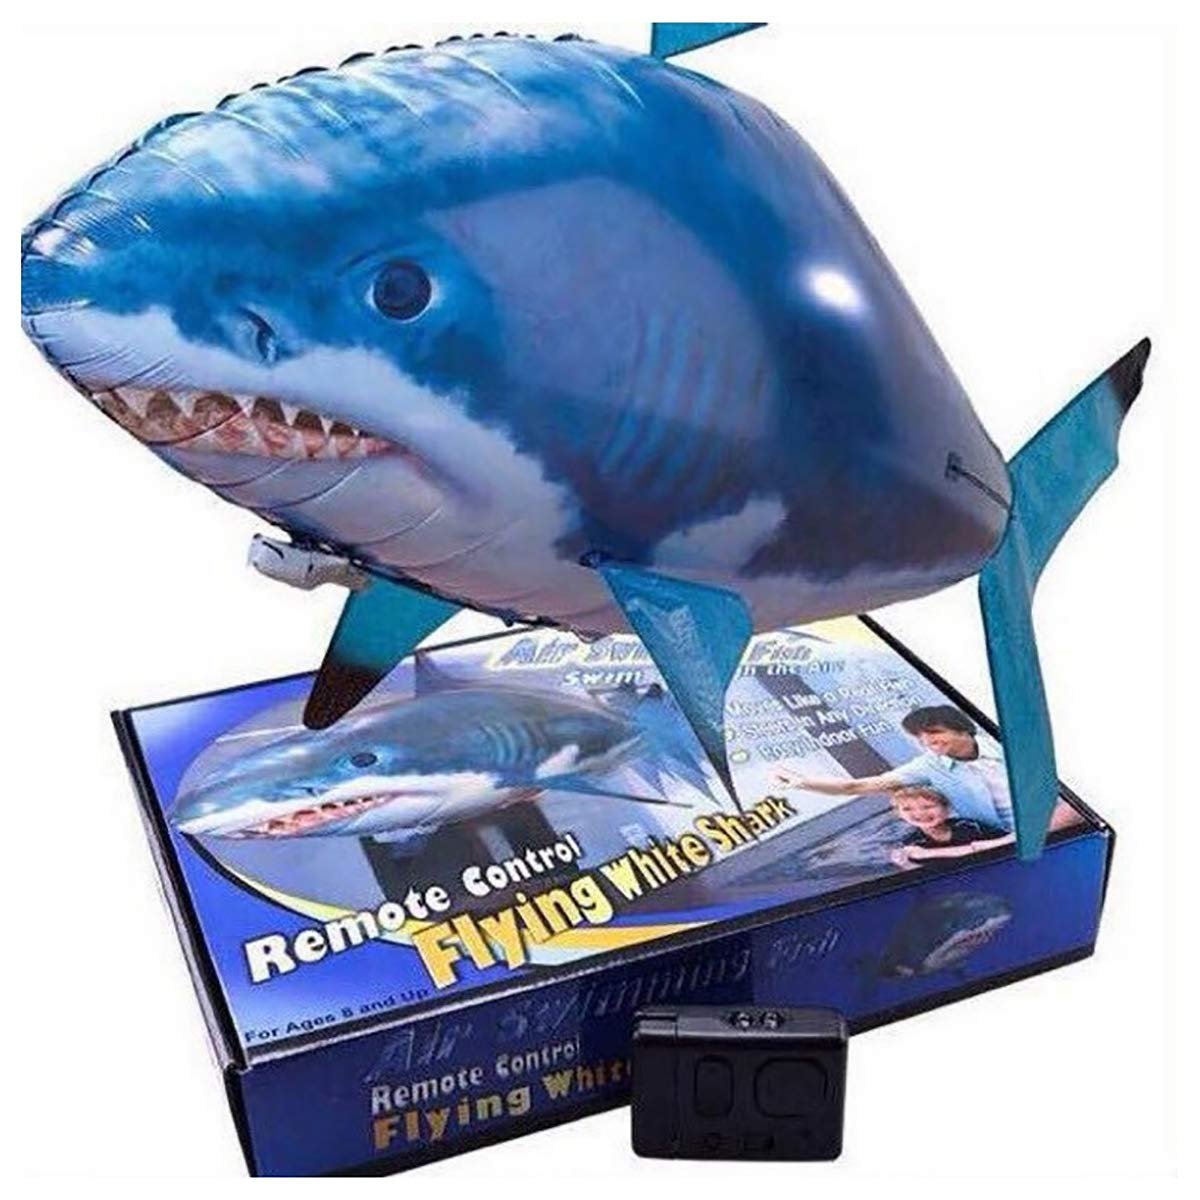 Ferngesteuerter Riesenfisch Fliegender Hai Clownfisch,Weihnachtsgeschenk f/ür Kinder RC Air Swimmer Flying Shark Ferngesteuerter Fliegender Hai-Fisch A